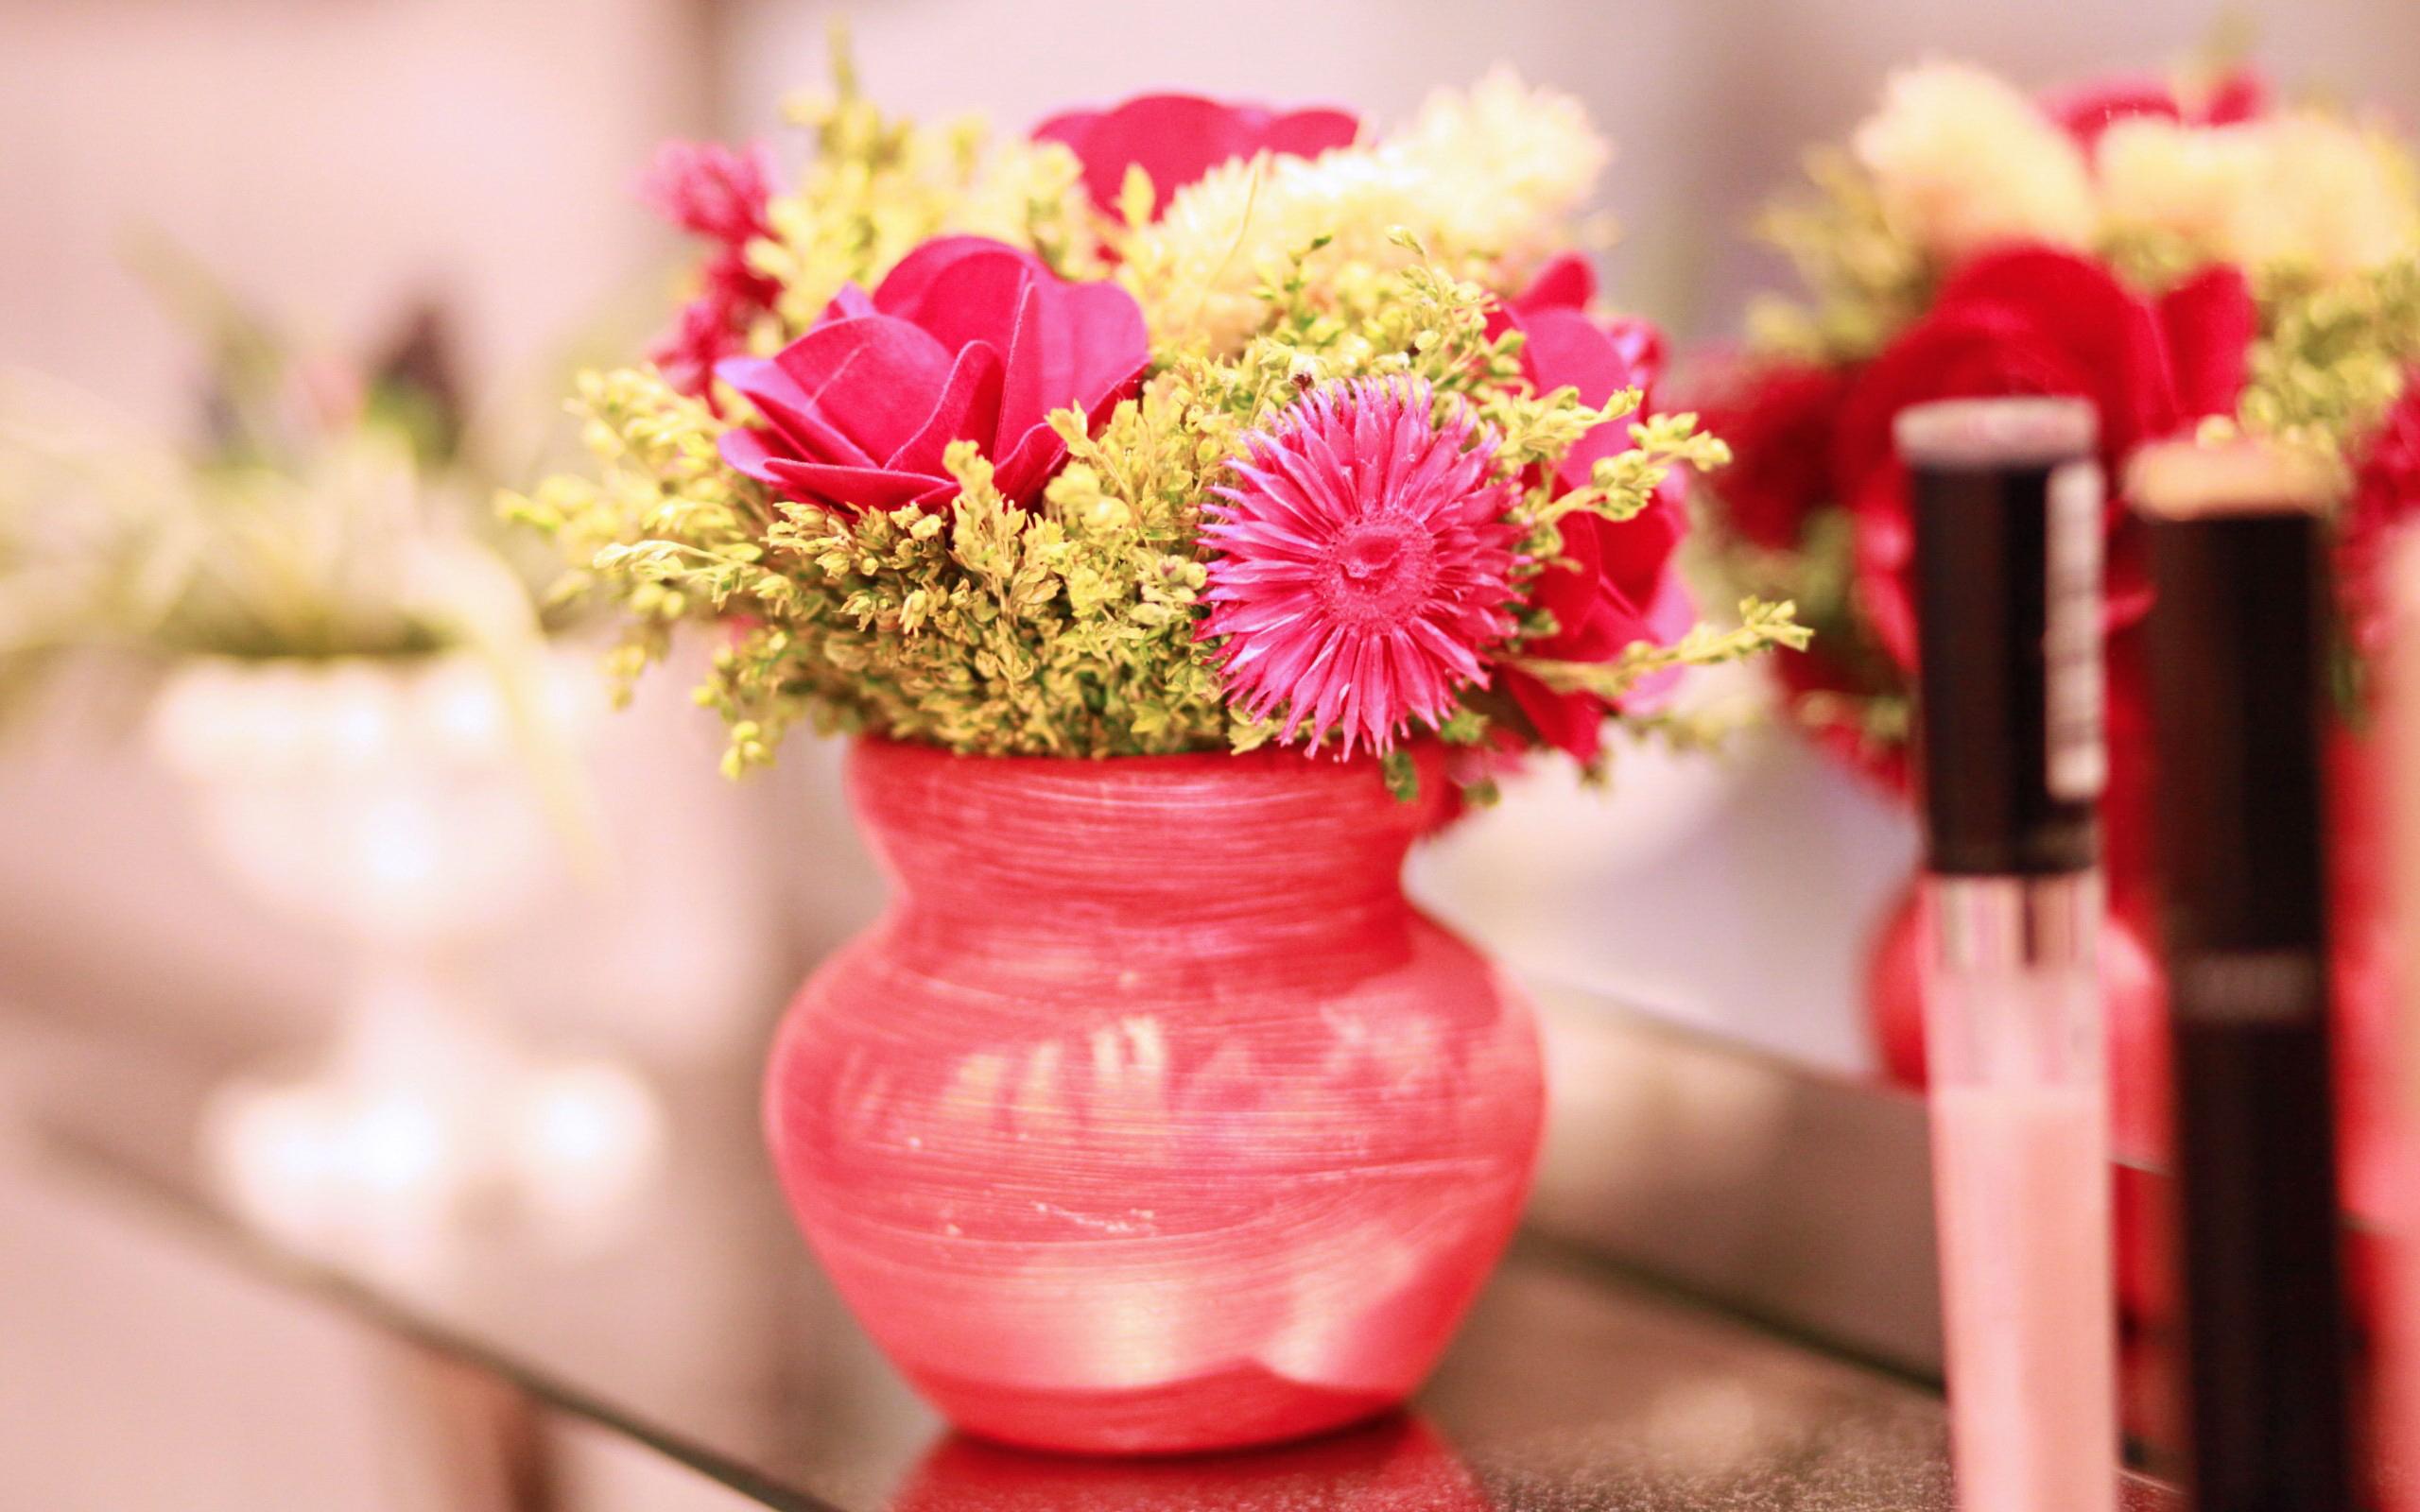 Картинка на рабочий стол цветы в вазе на весь экран